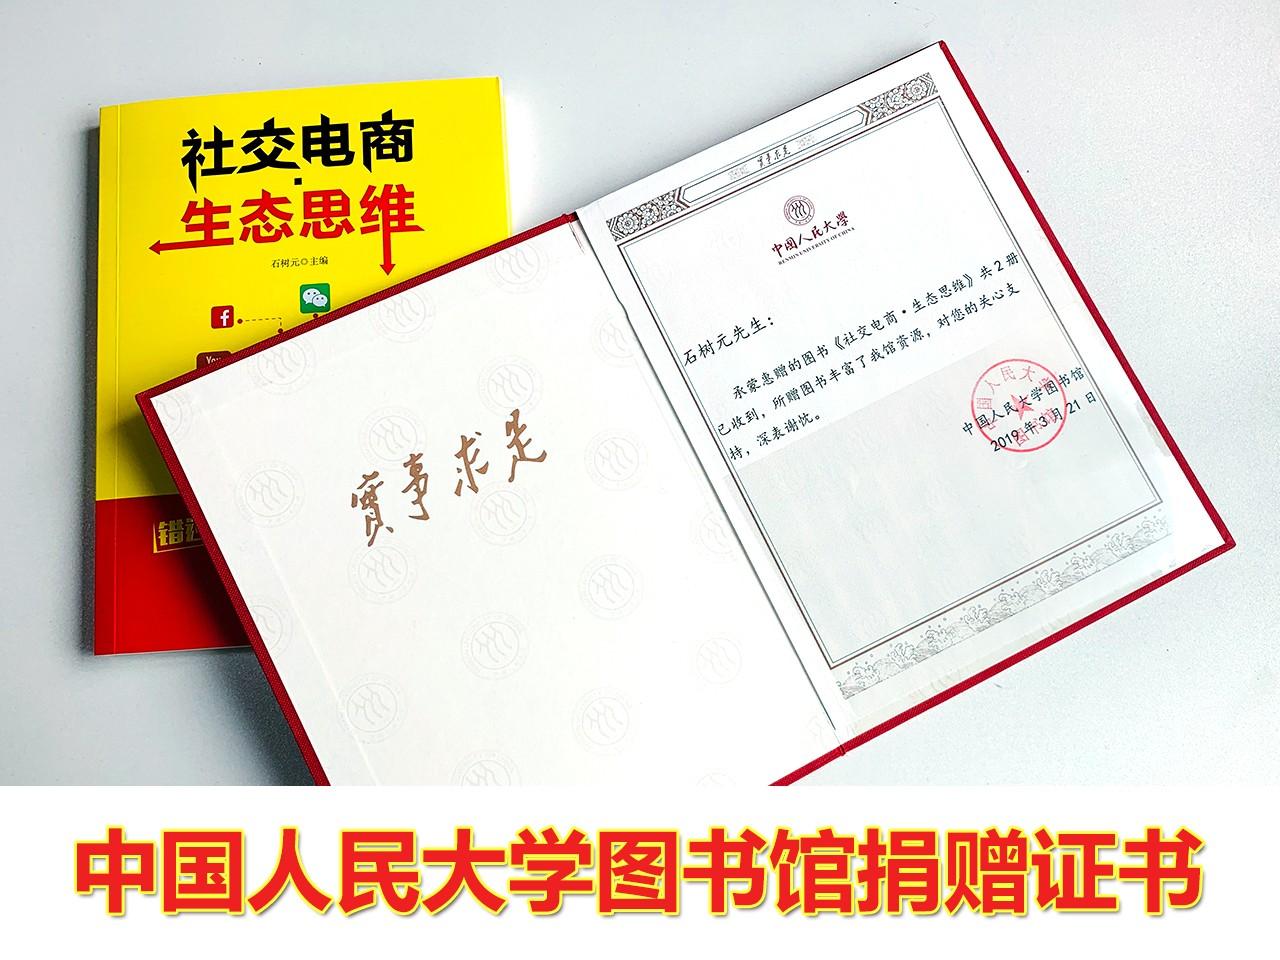 13中国人民大学图书馆为石树元颁发捐赠证书.jpg